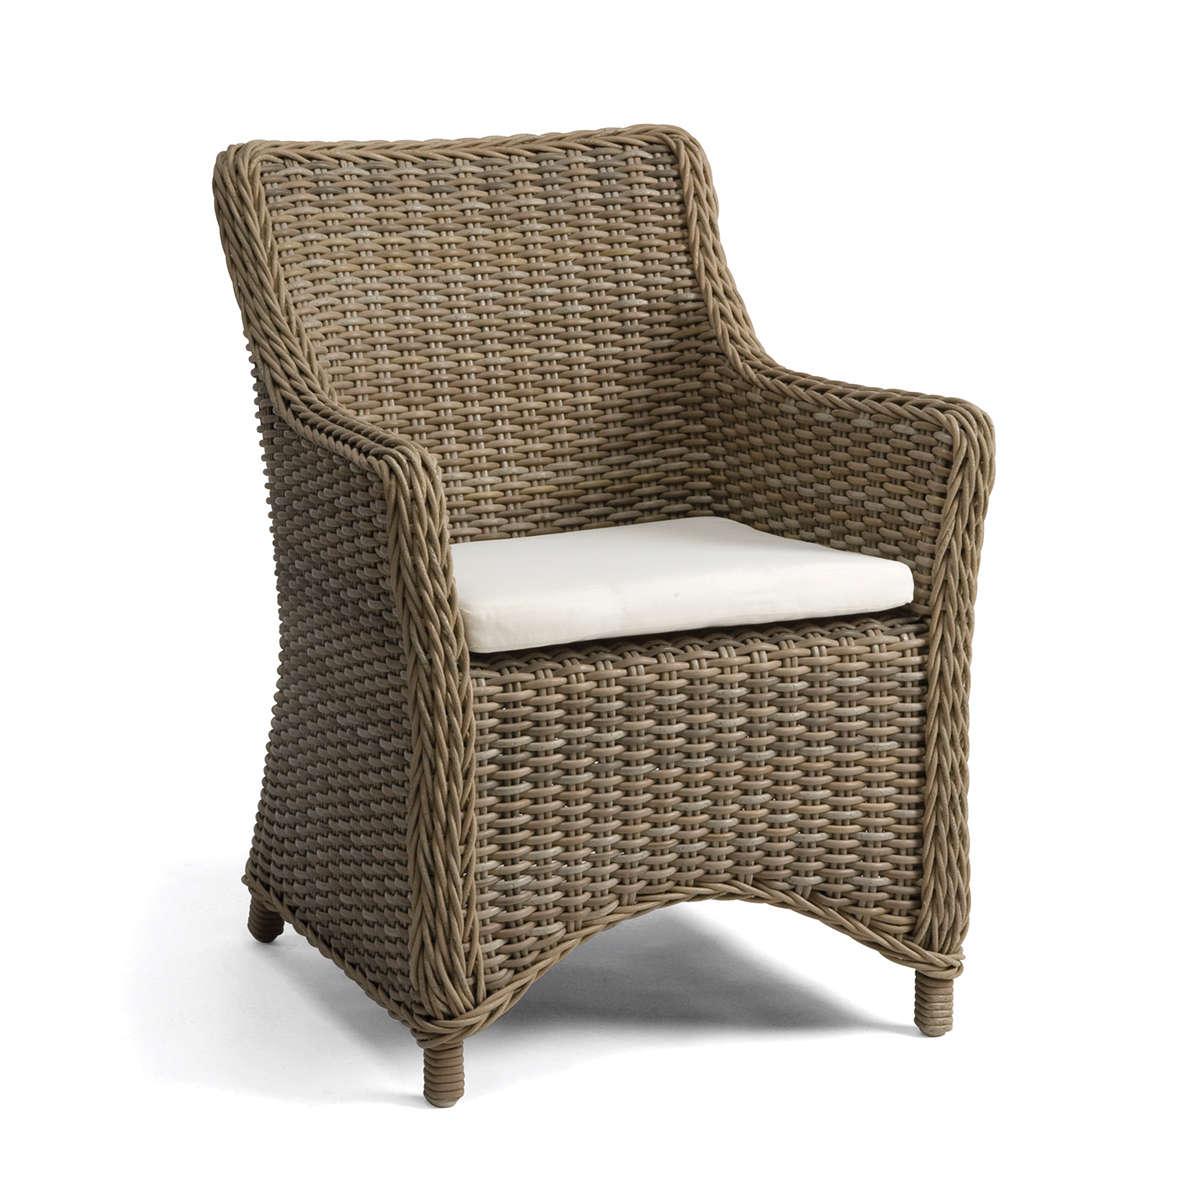 San Diego Cord Chair